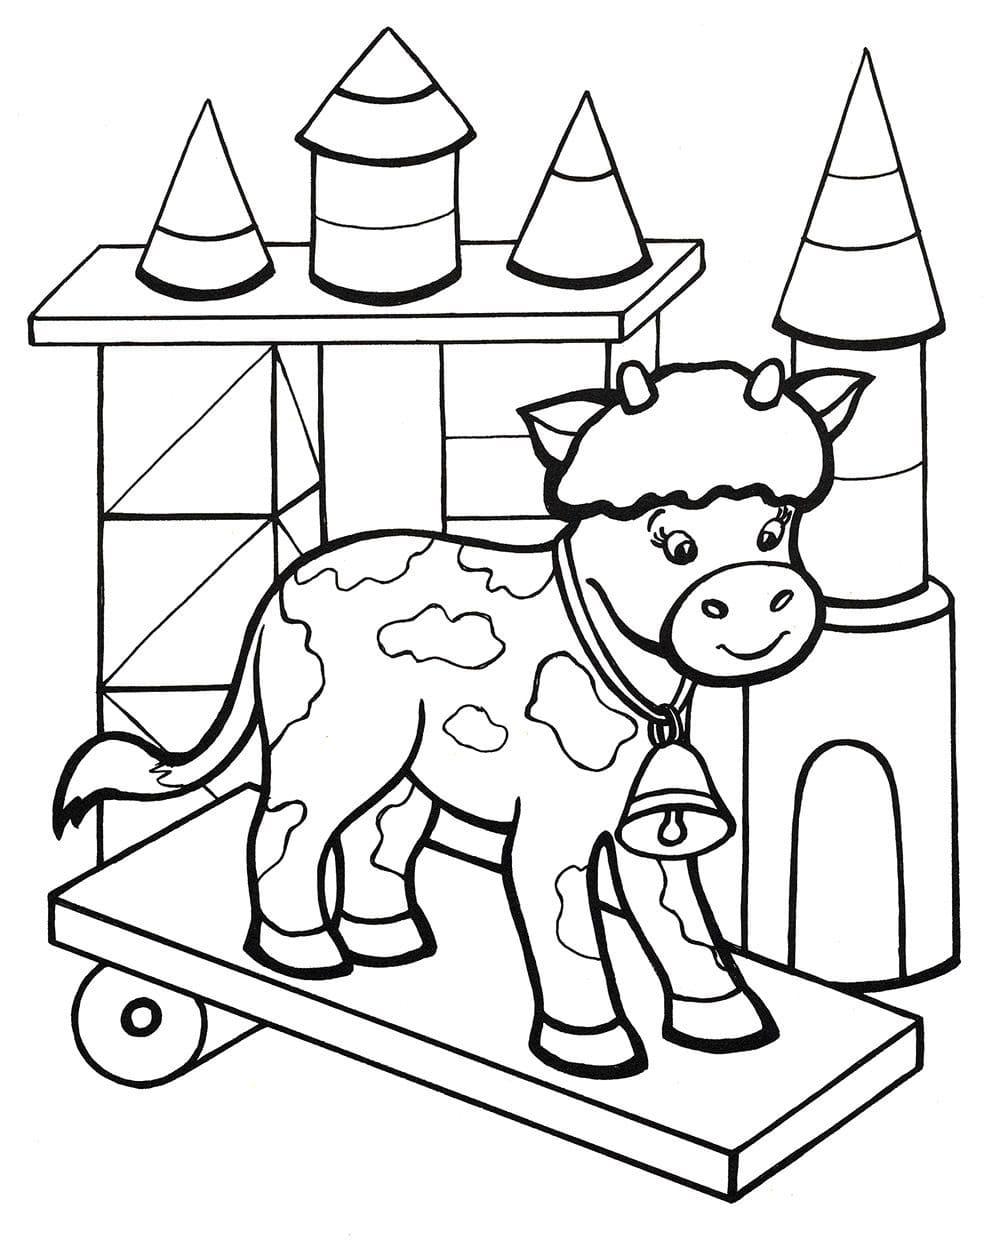 ausmalbilder für kindergarten  90 kostenlose malvorlagen